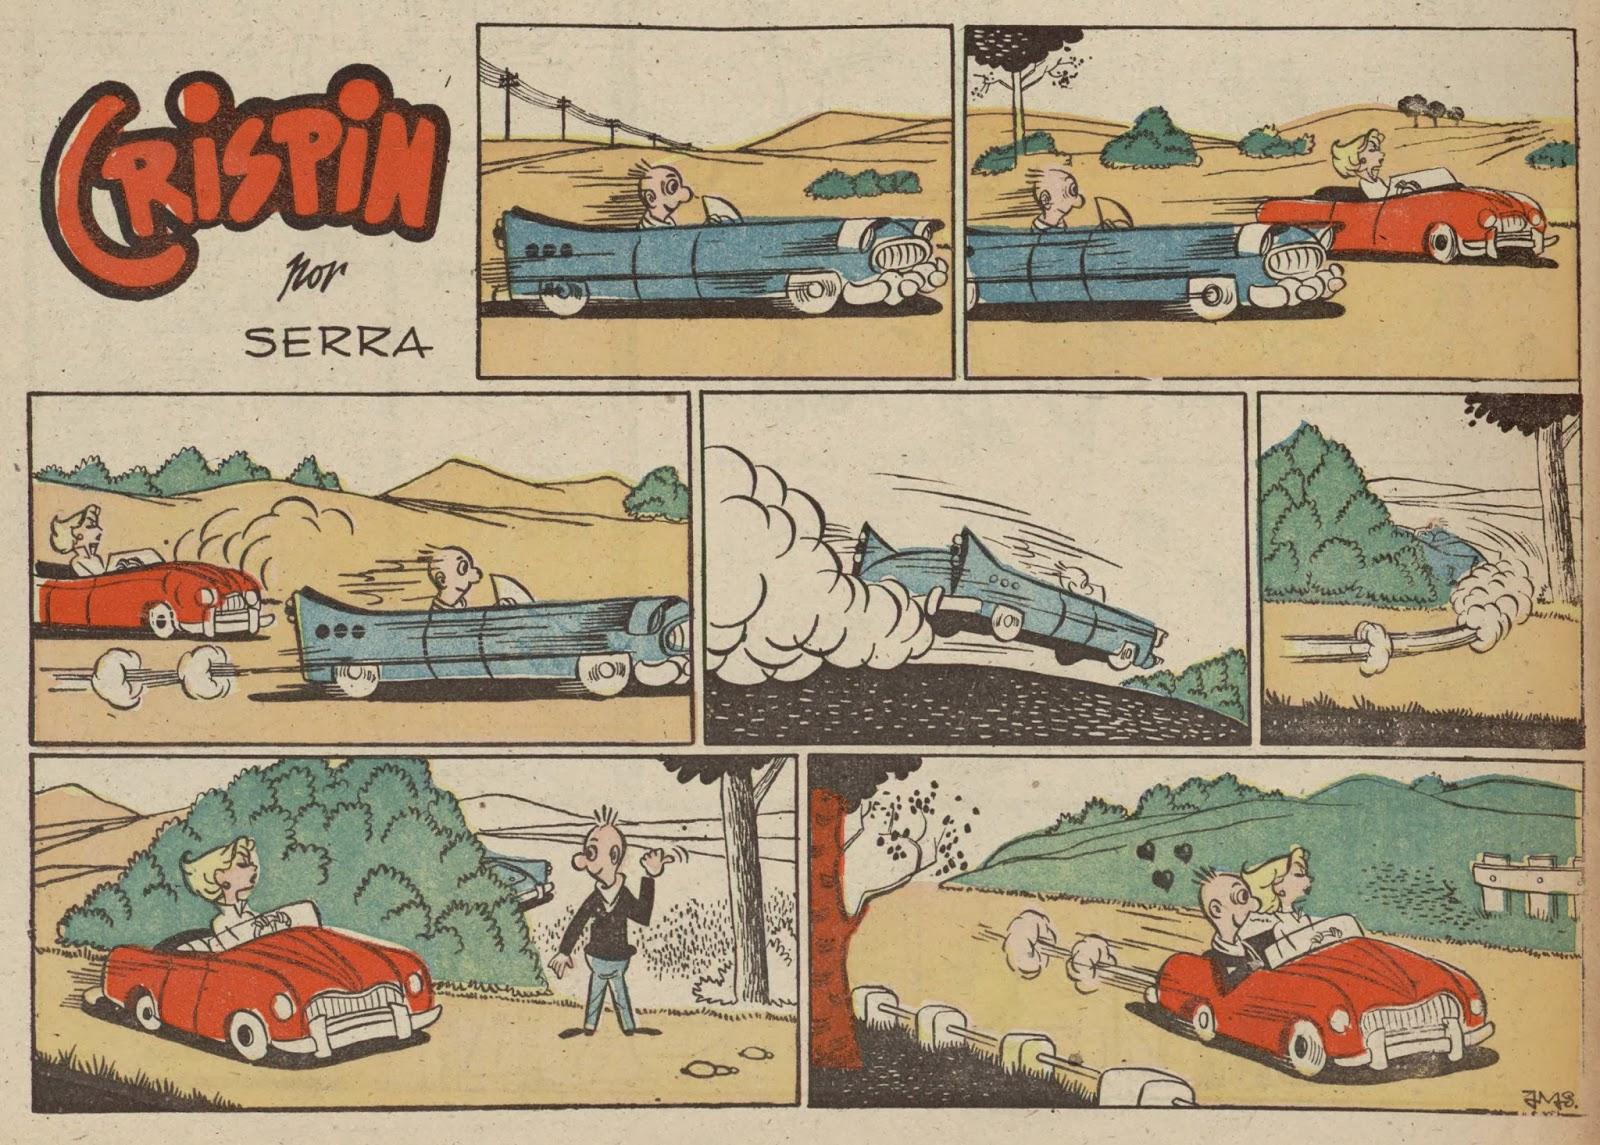 Cirspin, serie de Serra. Imagen pubicada en el nº 18 de Parque, suplemento de Siolidaridad Nacional.